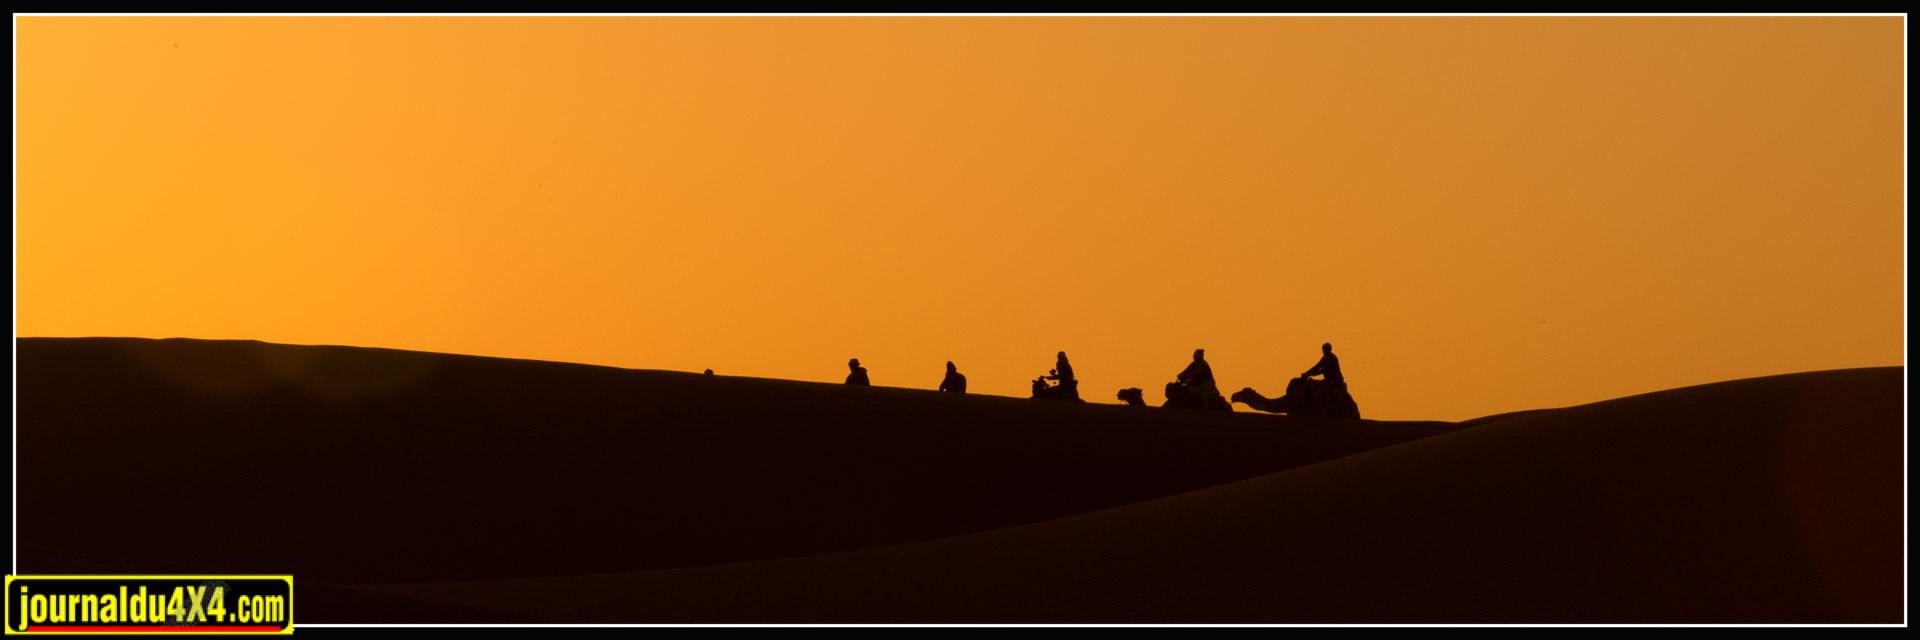 Lever de soleil avec une caravane de dromadaires.